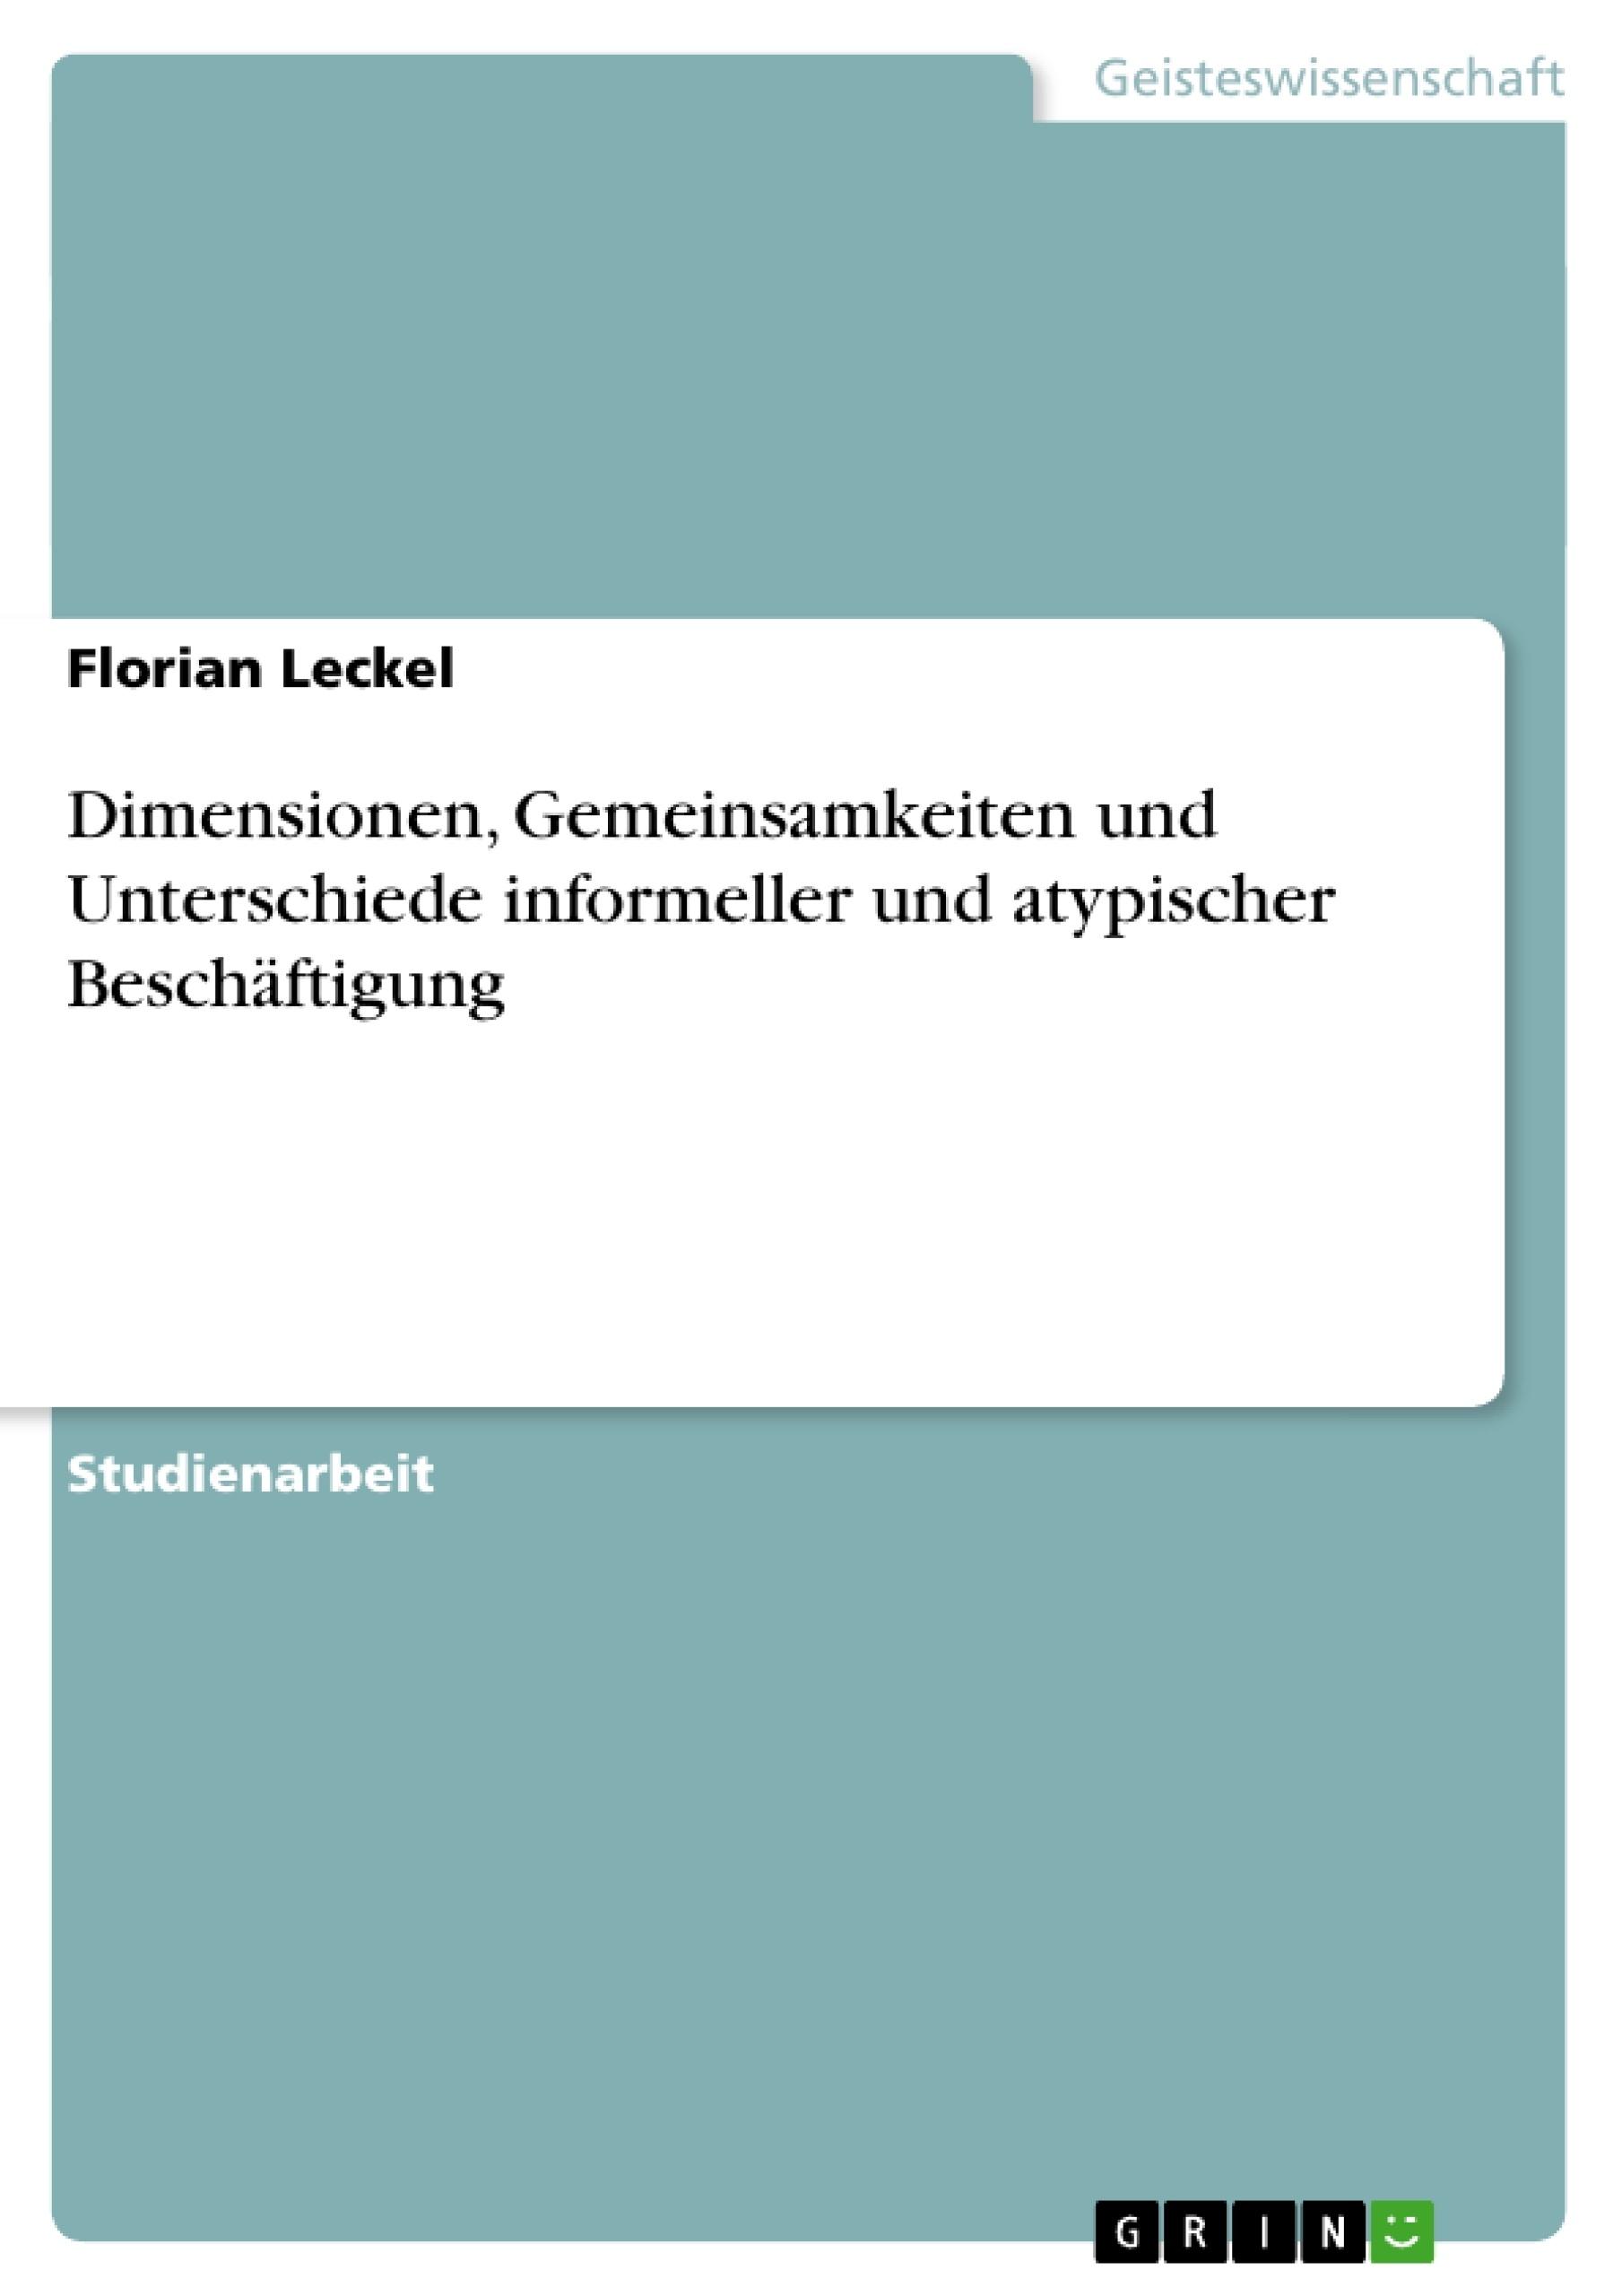 Titel: Dimensionen, Gemeinsamkeiten und Unterschiede informeller und atypischer Beschäftigung